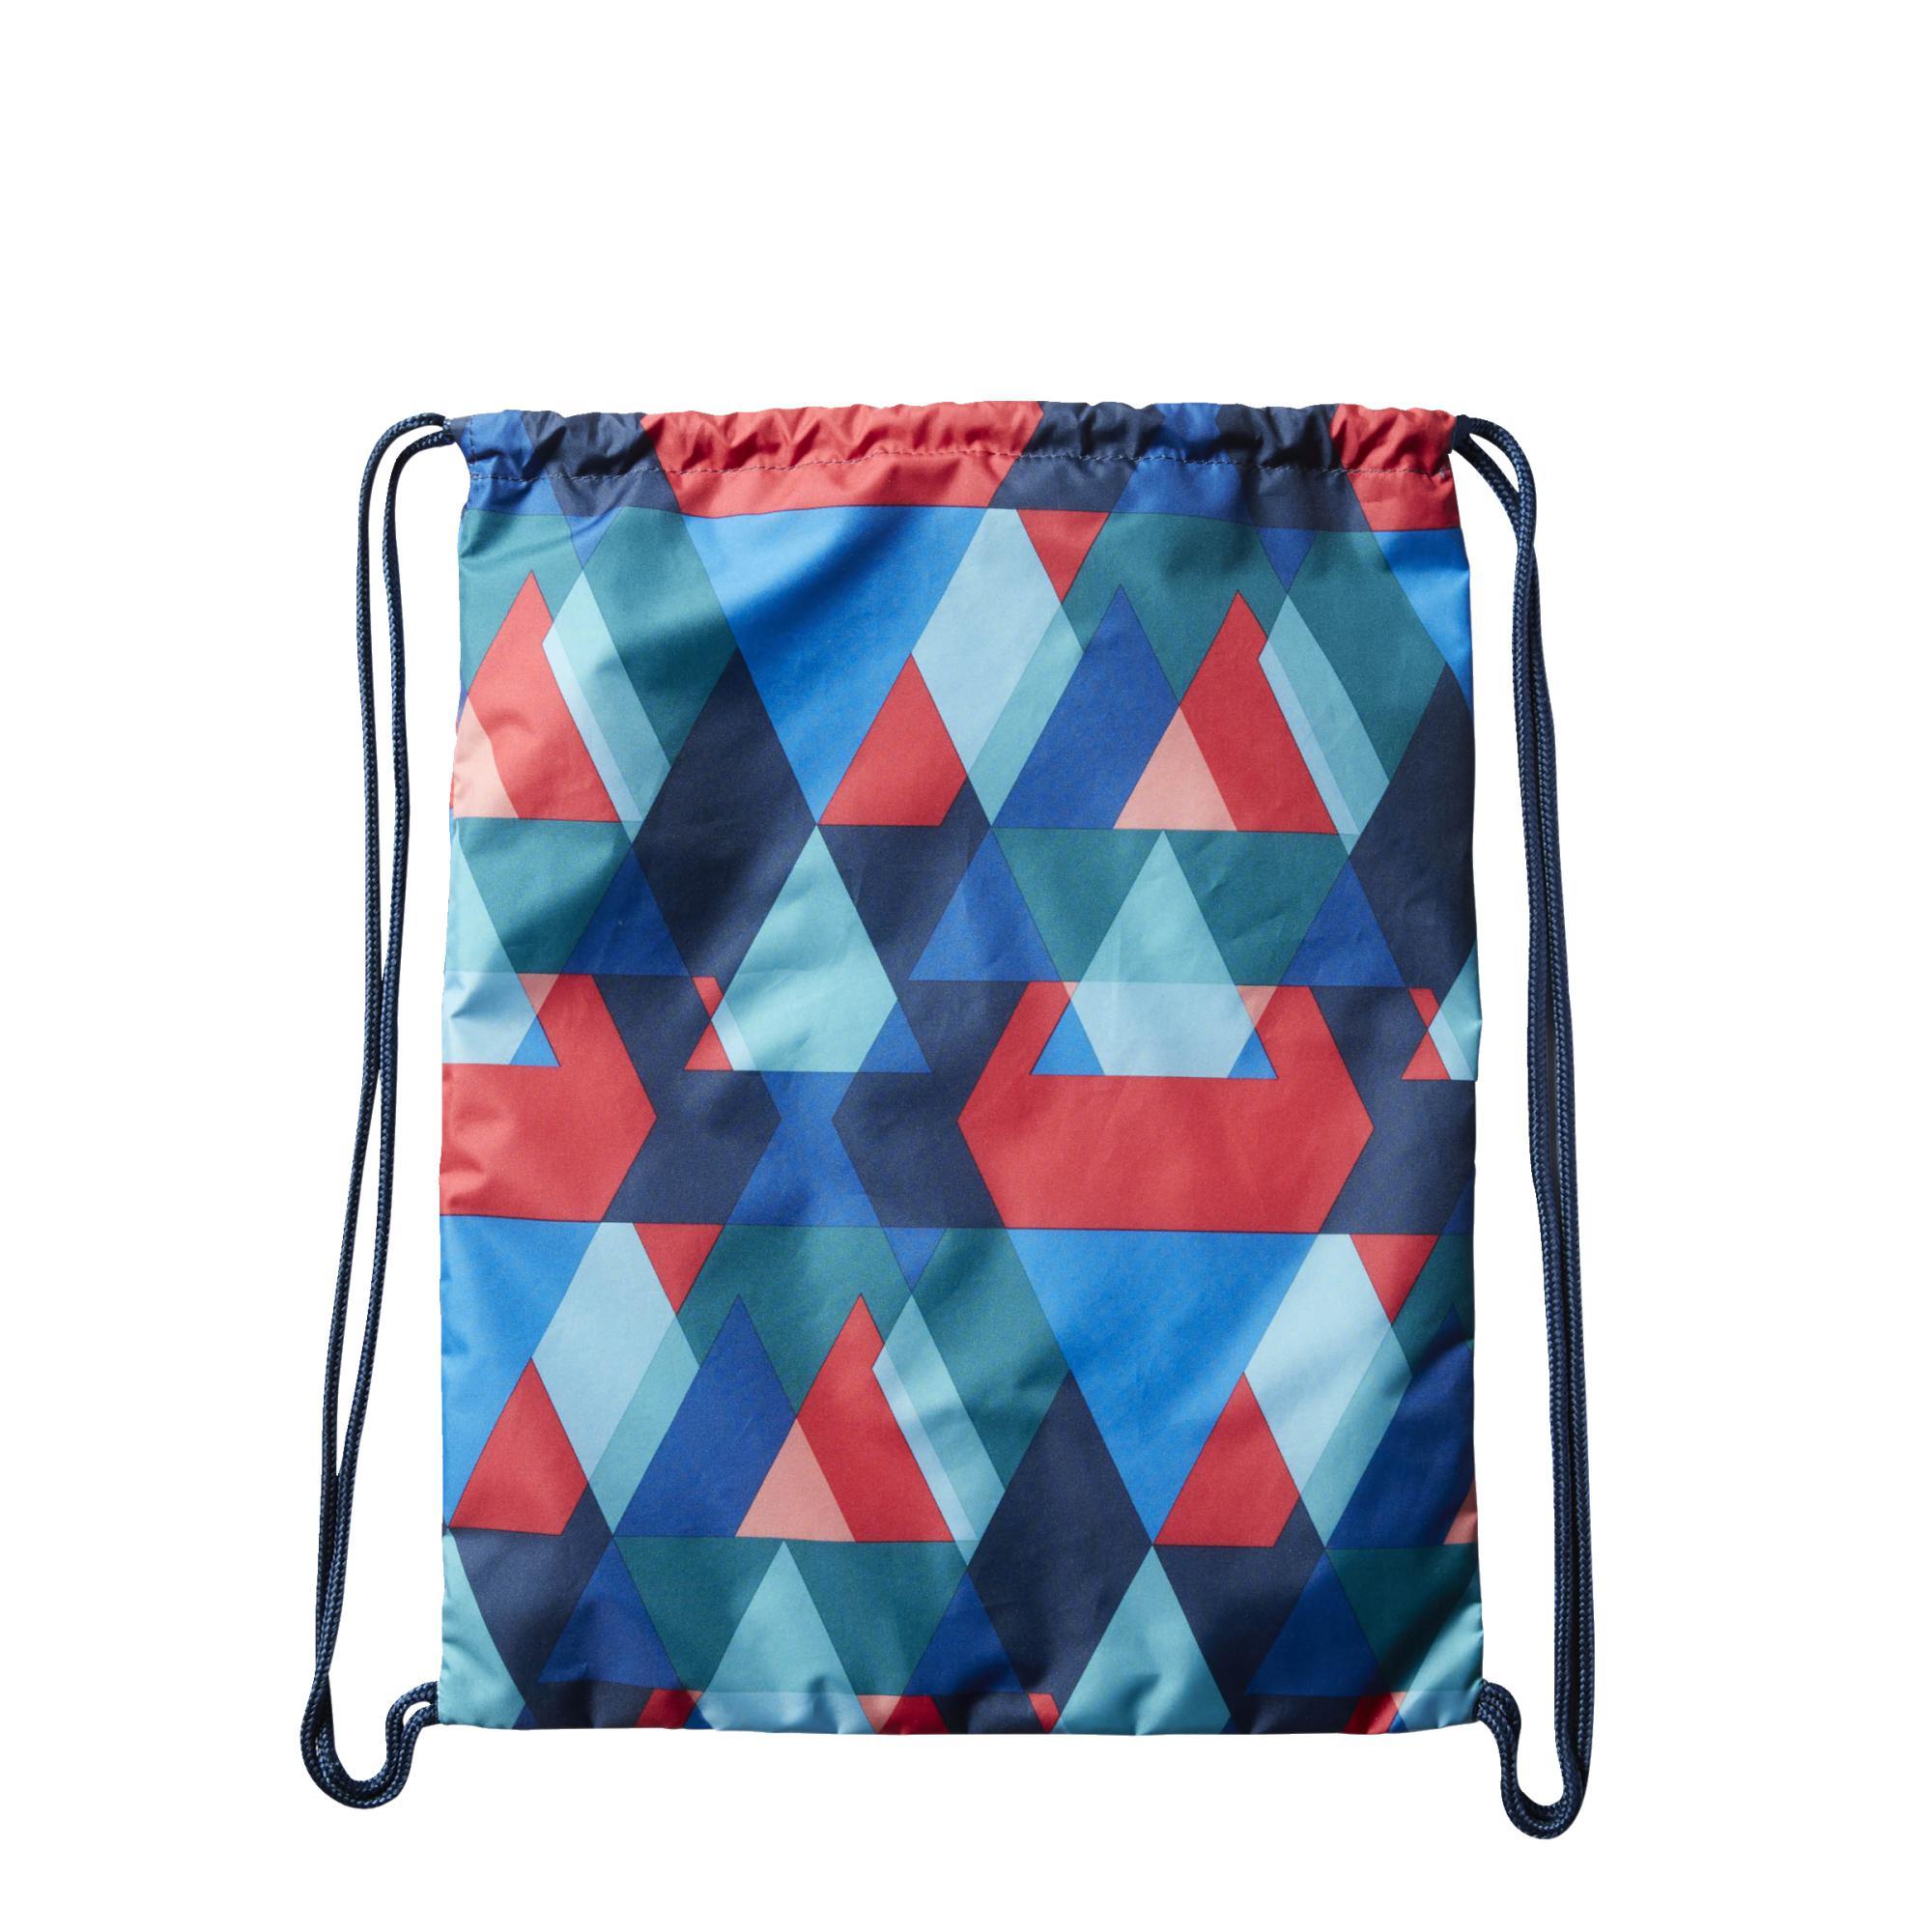 Adidas Triax Gym Bag Training (multicolor) a87d805efeda6